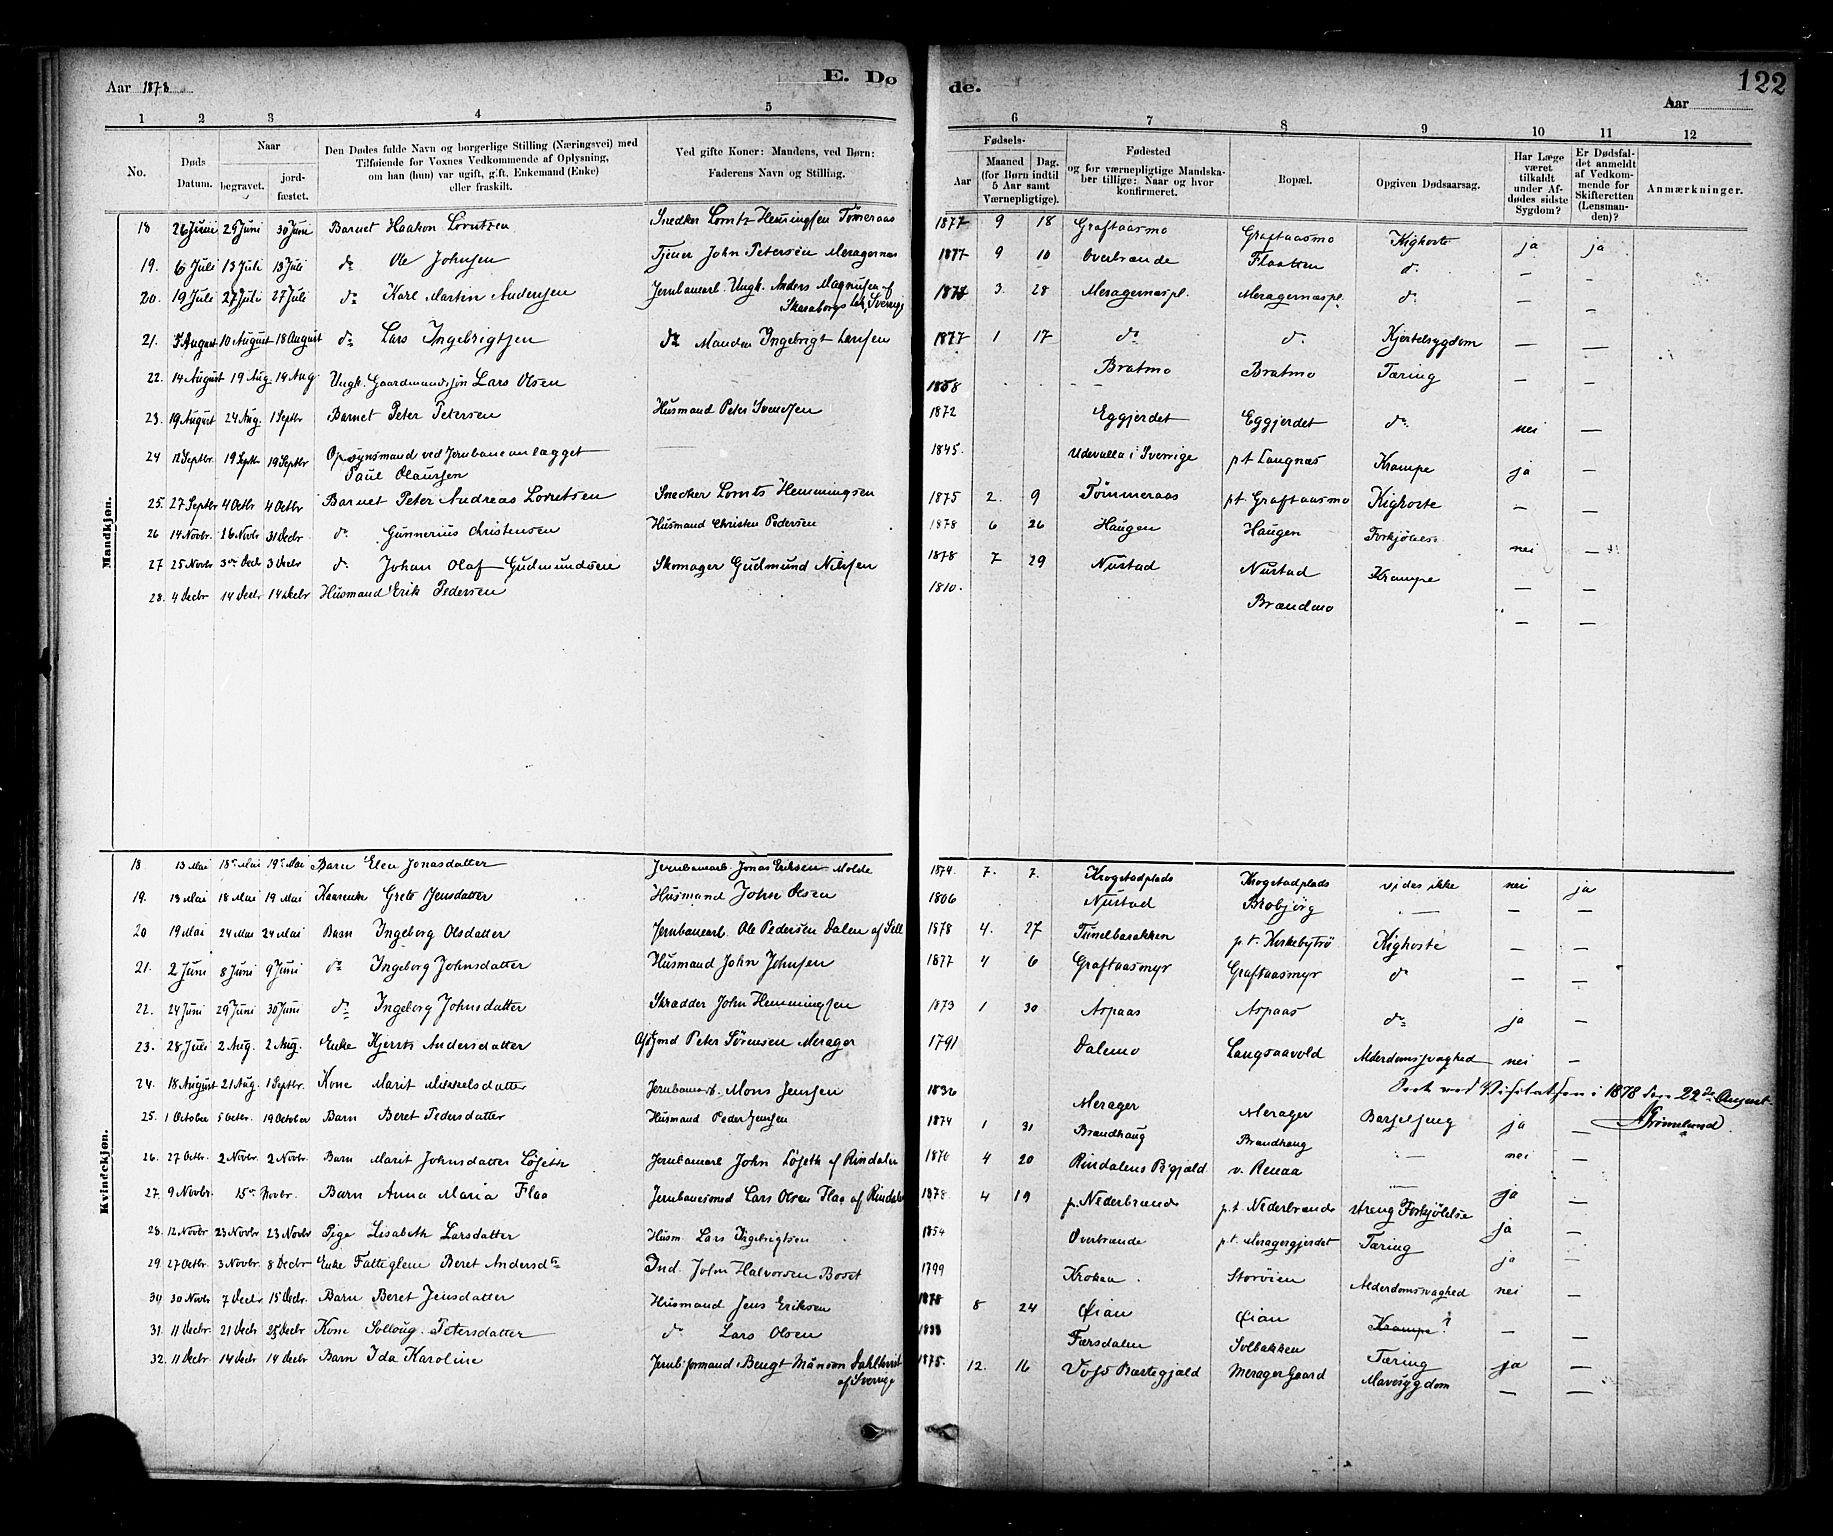 SAT, Ministerialprotokoller, klokkerbøker og fødselsregistre - Nord-Trøndelag, 706/L0047: Parish register (official) no. 706A03, 1878-1892, p. 122